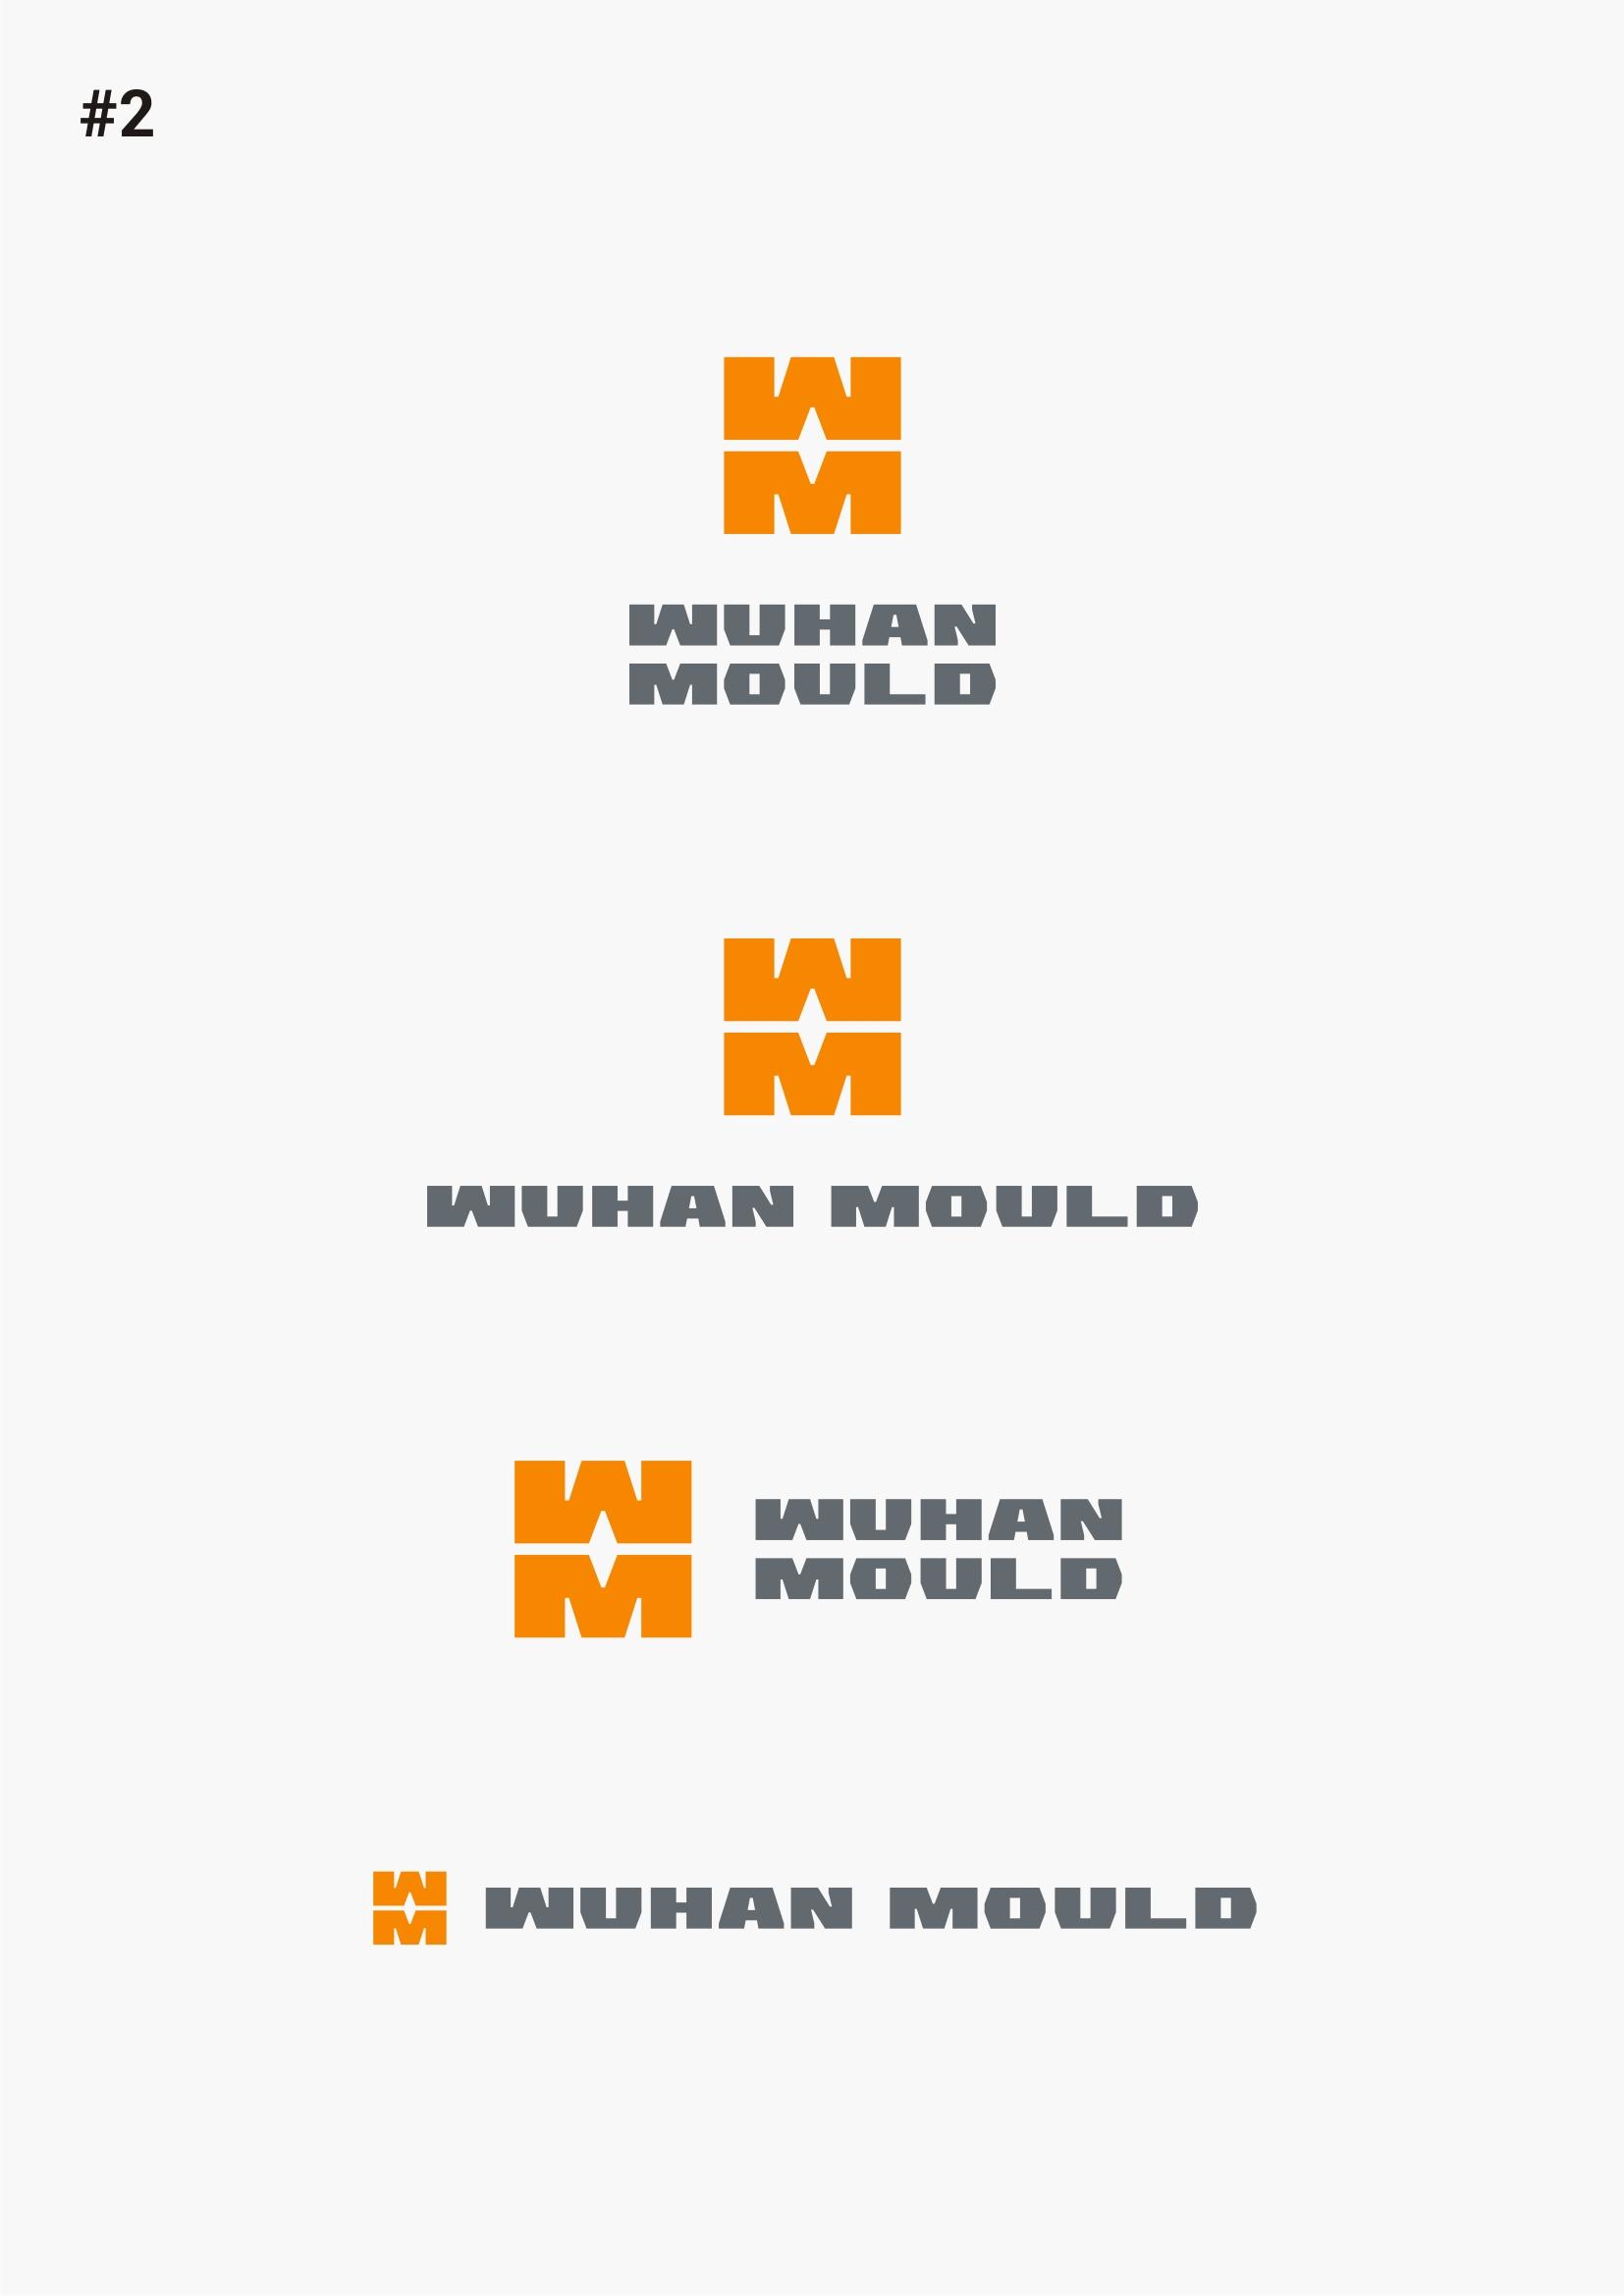 Создать логотип для фабрики пресс-форм фото f_833599a60fcd892d.jpg